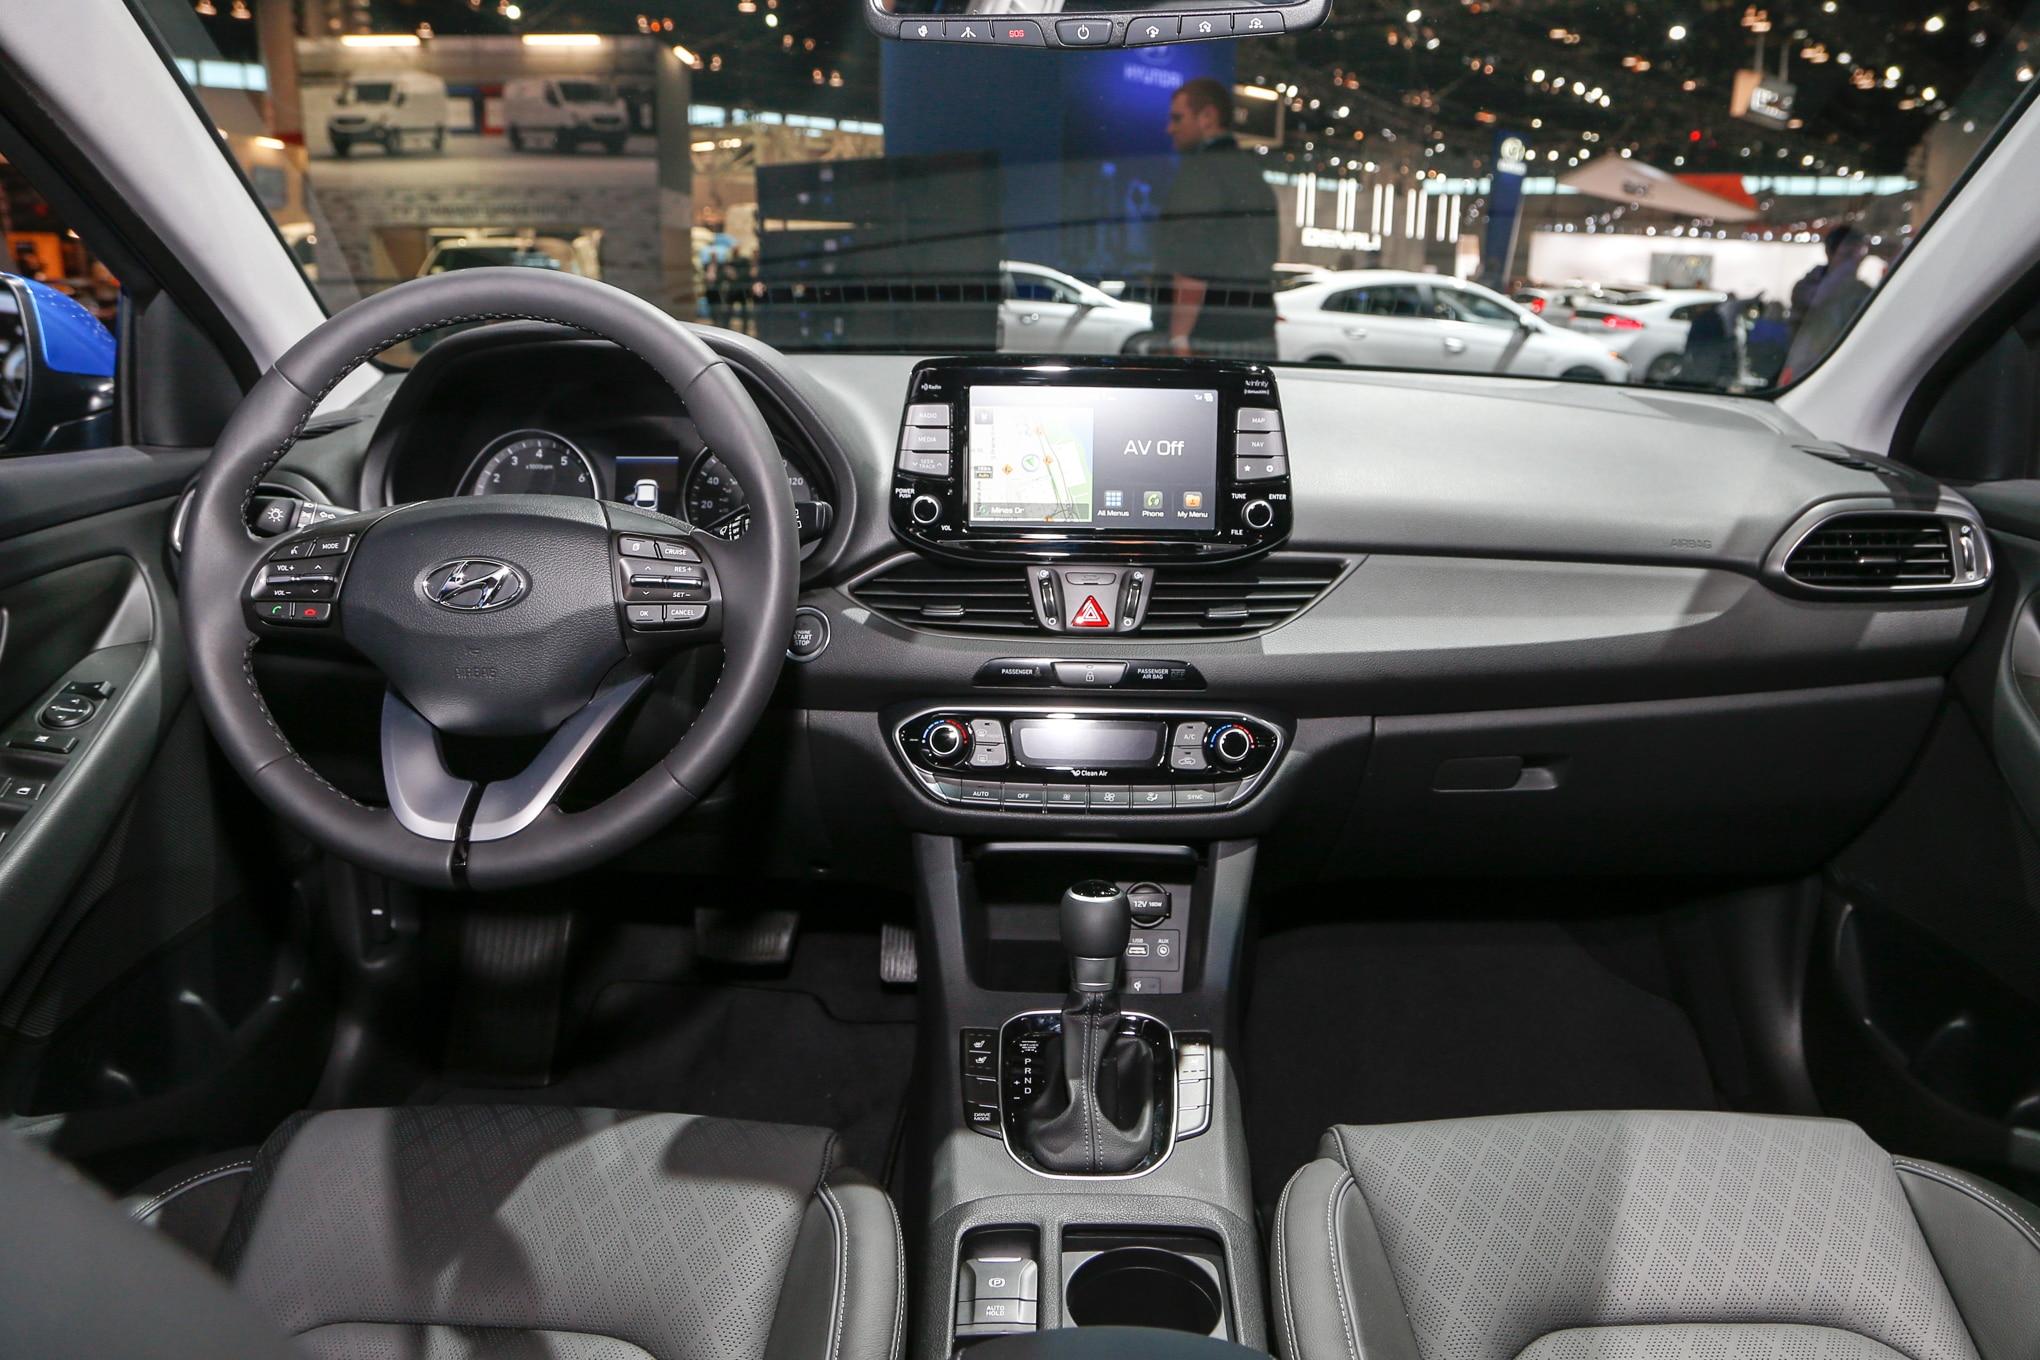 2018 Hyundai Elantra Gt Hatchback Interior View 2 Motor Trend En Espa Ol